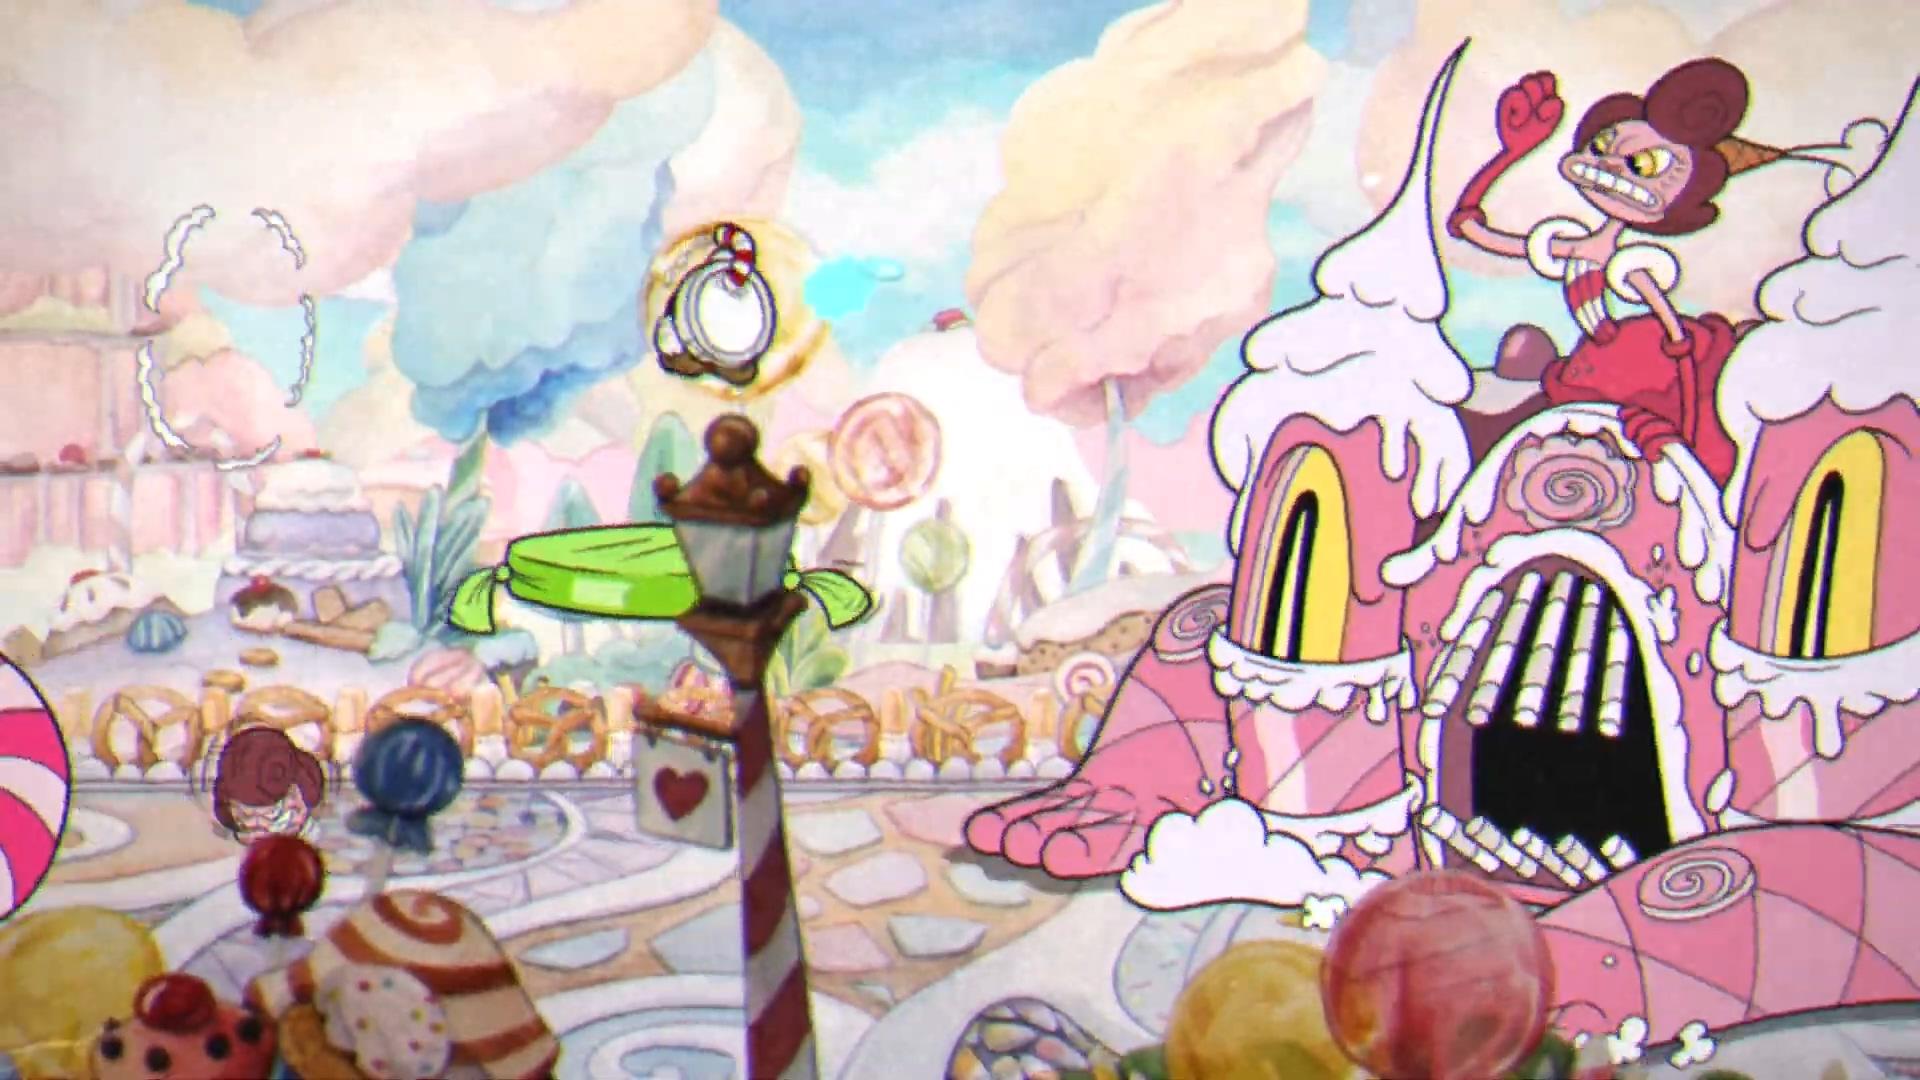 《茶杯头》今日登陆PS4 DLC尚需等待